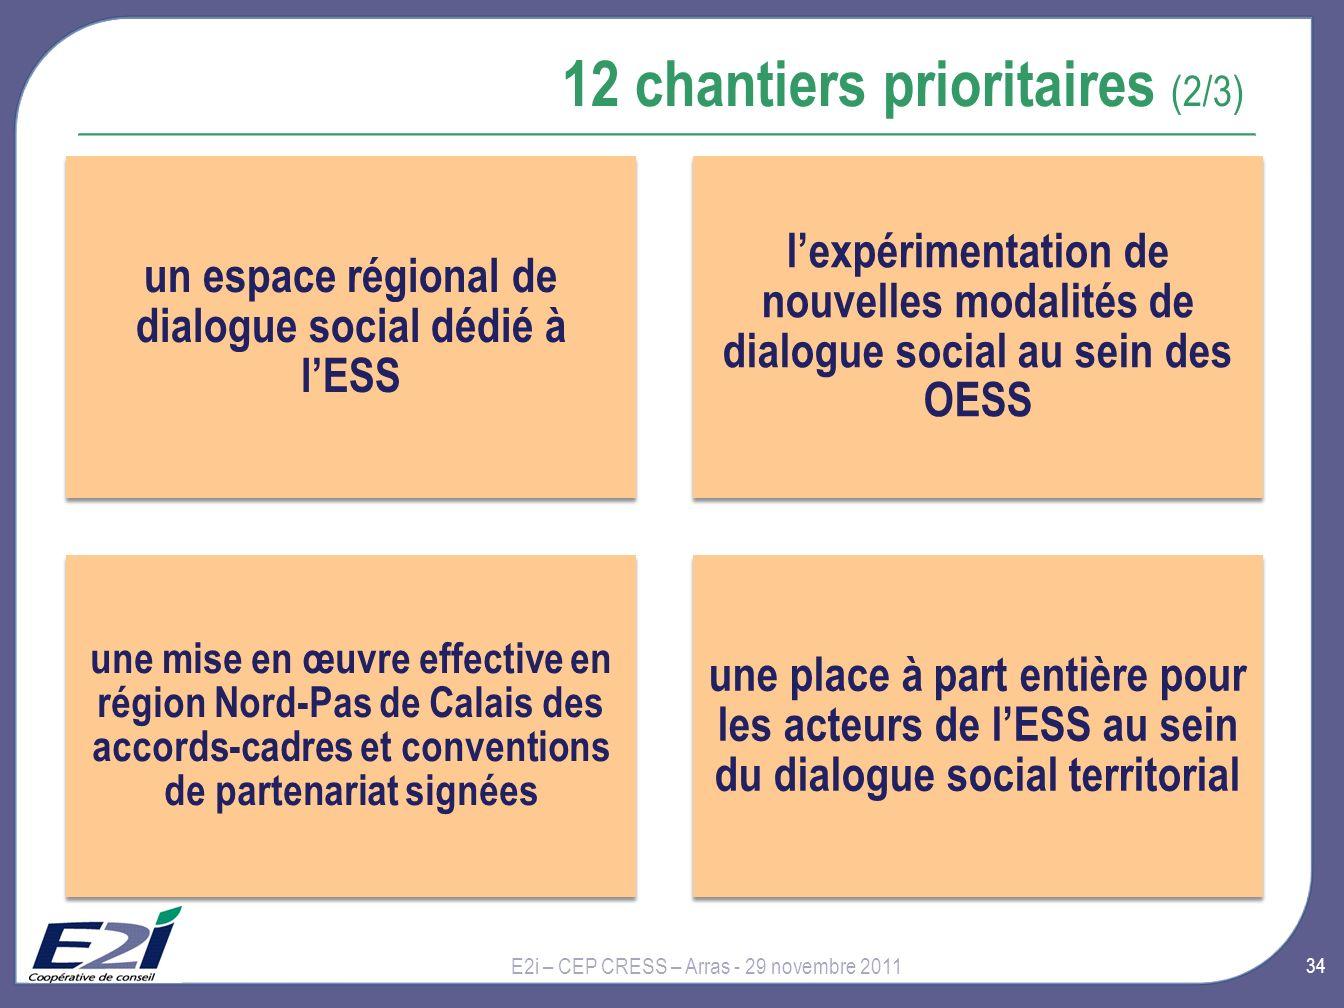 un espace régional de dialogue social dédié à l'ESS